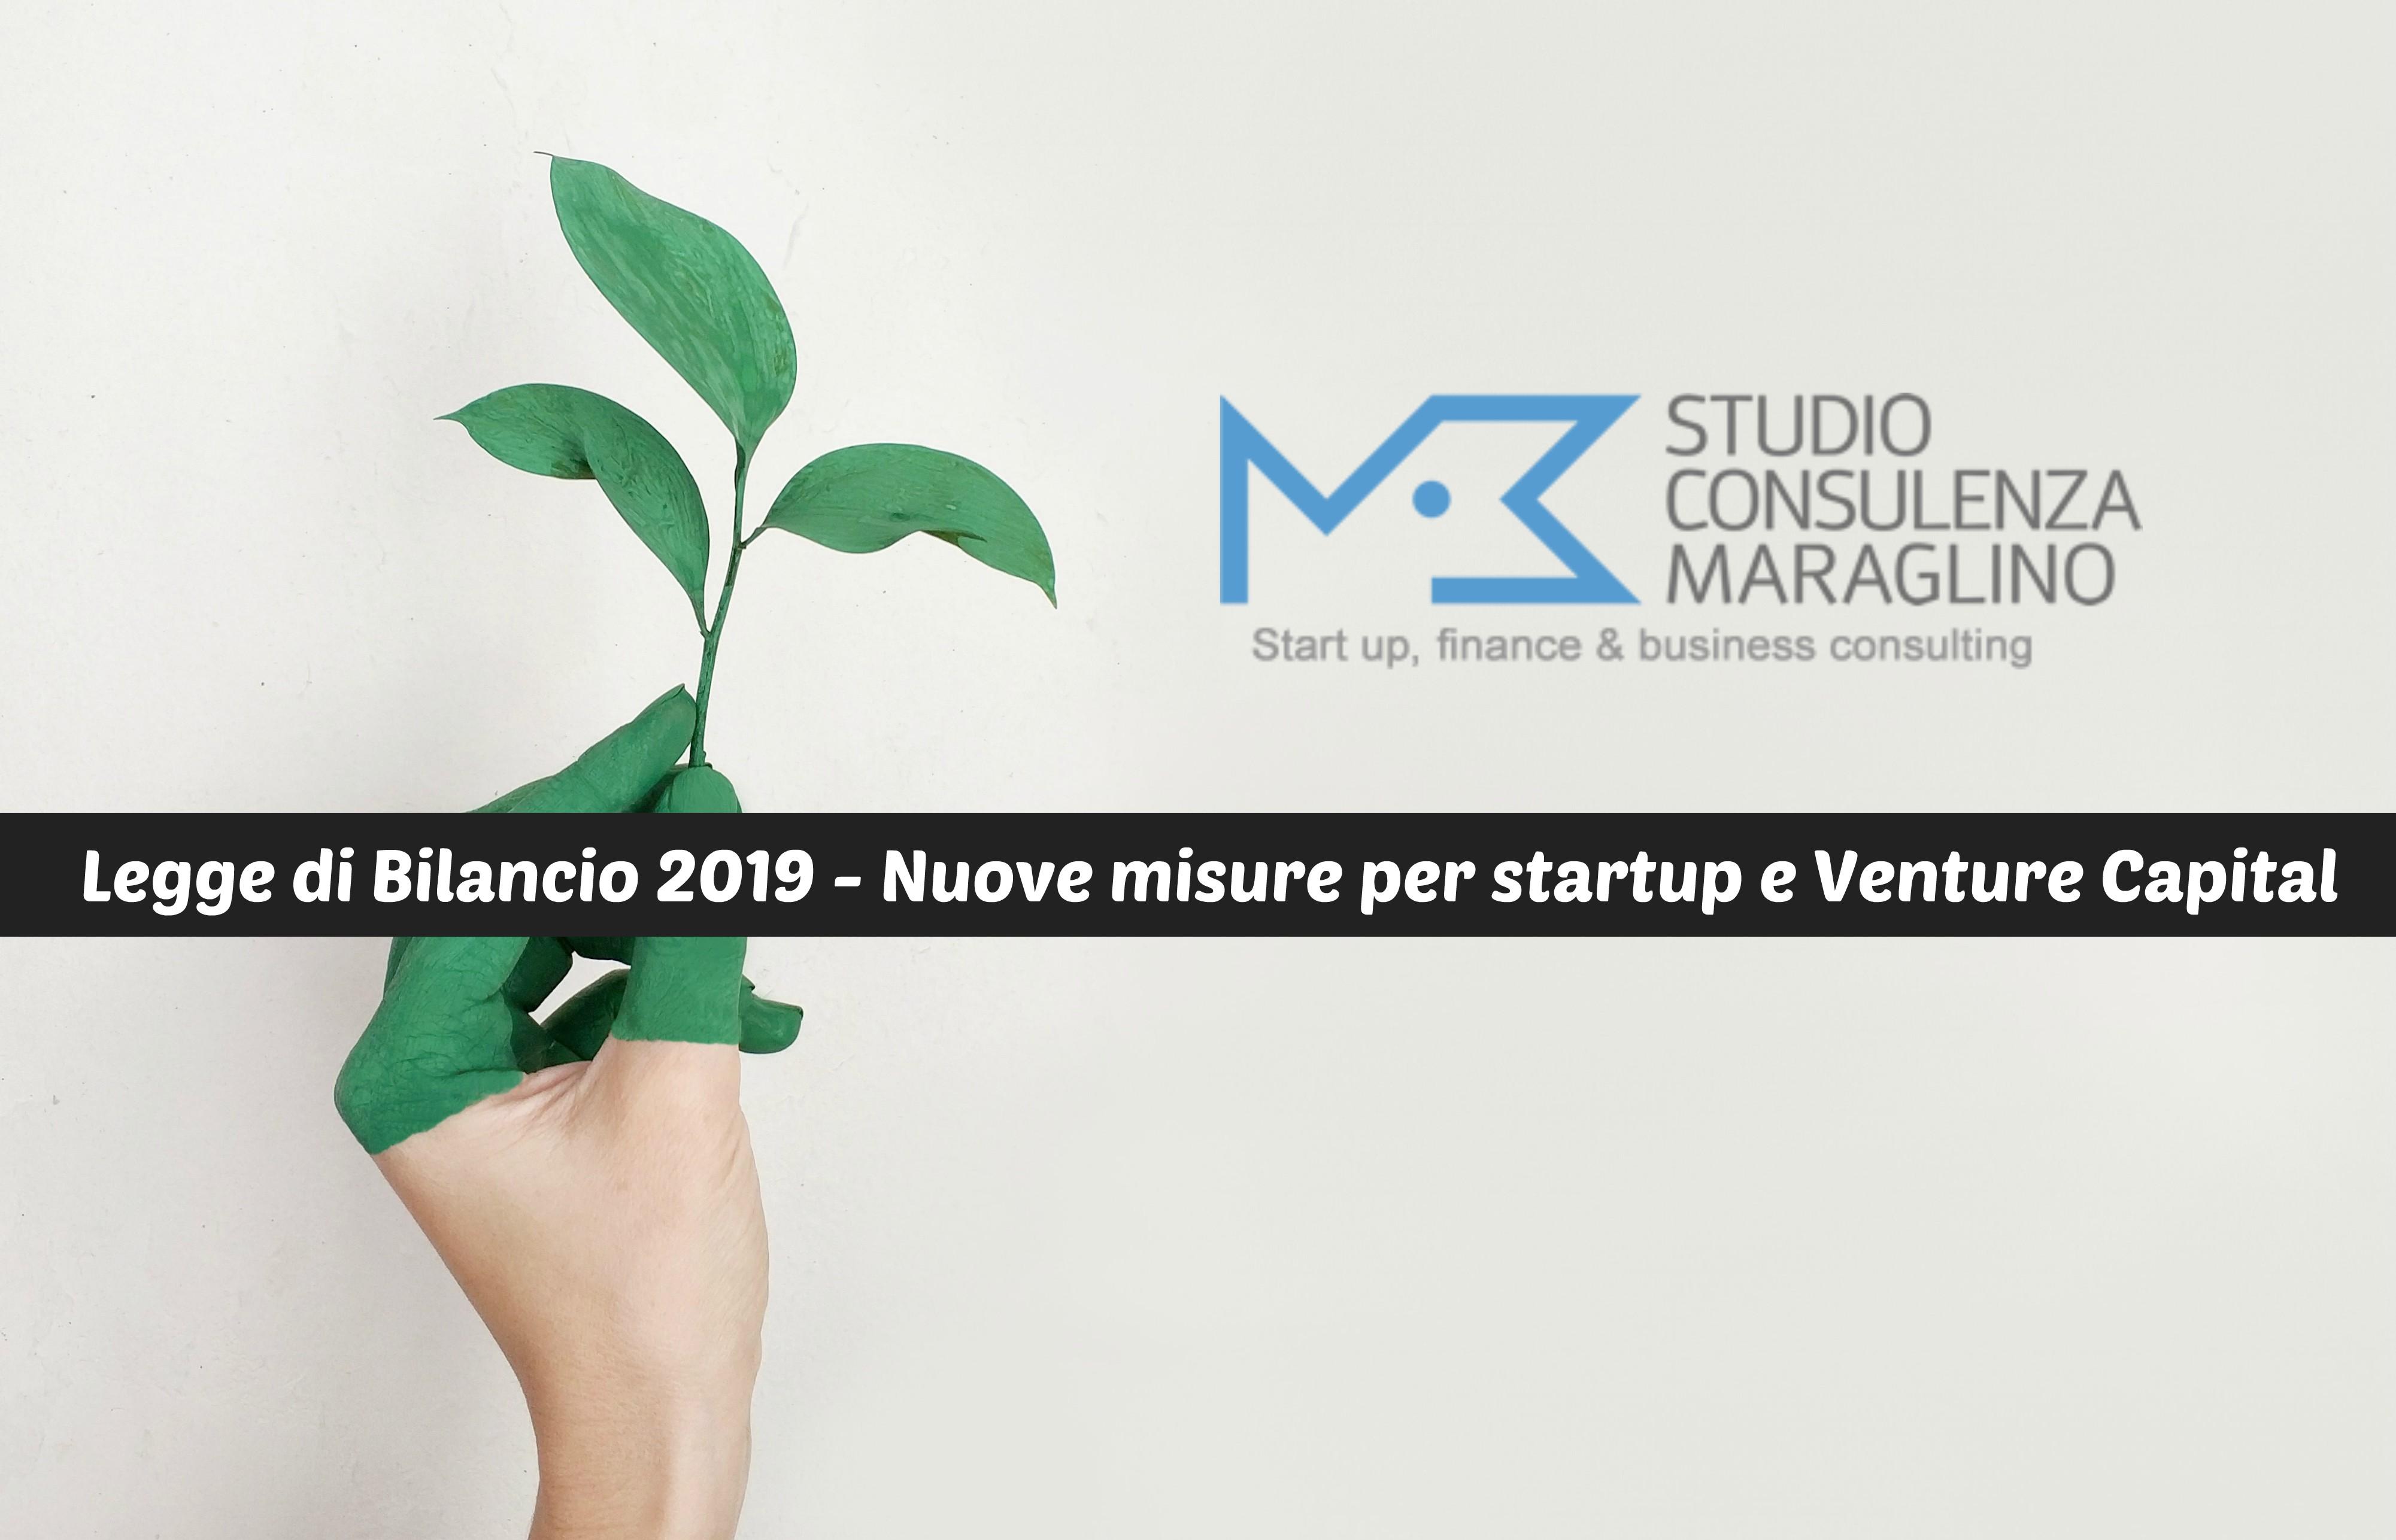 Legge di Bilancio 2019 – Nuove misure per startup e Venture Capital